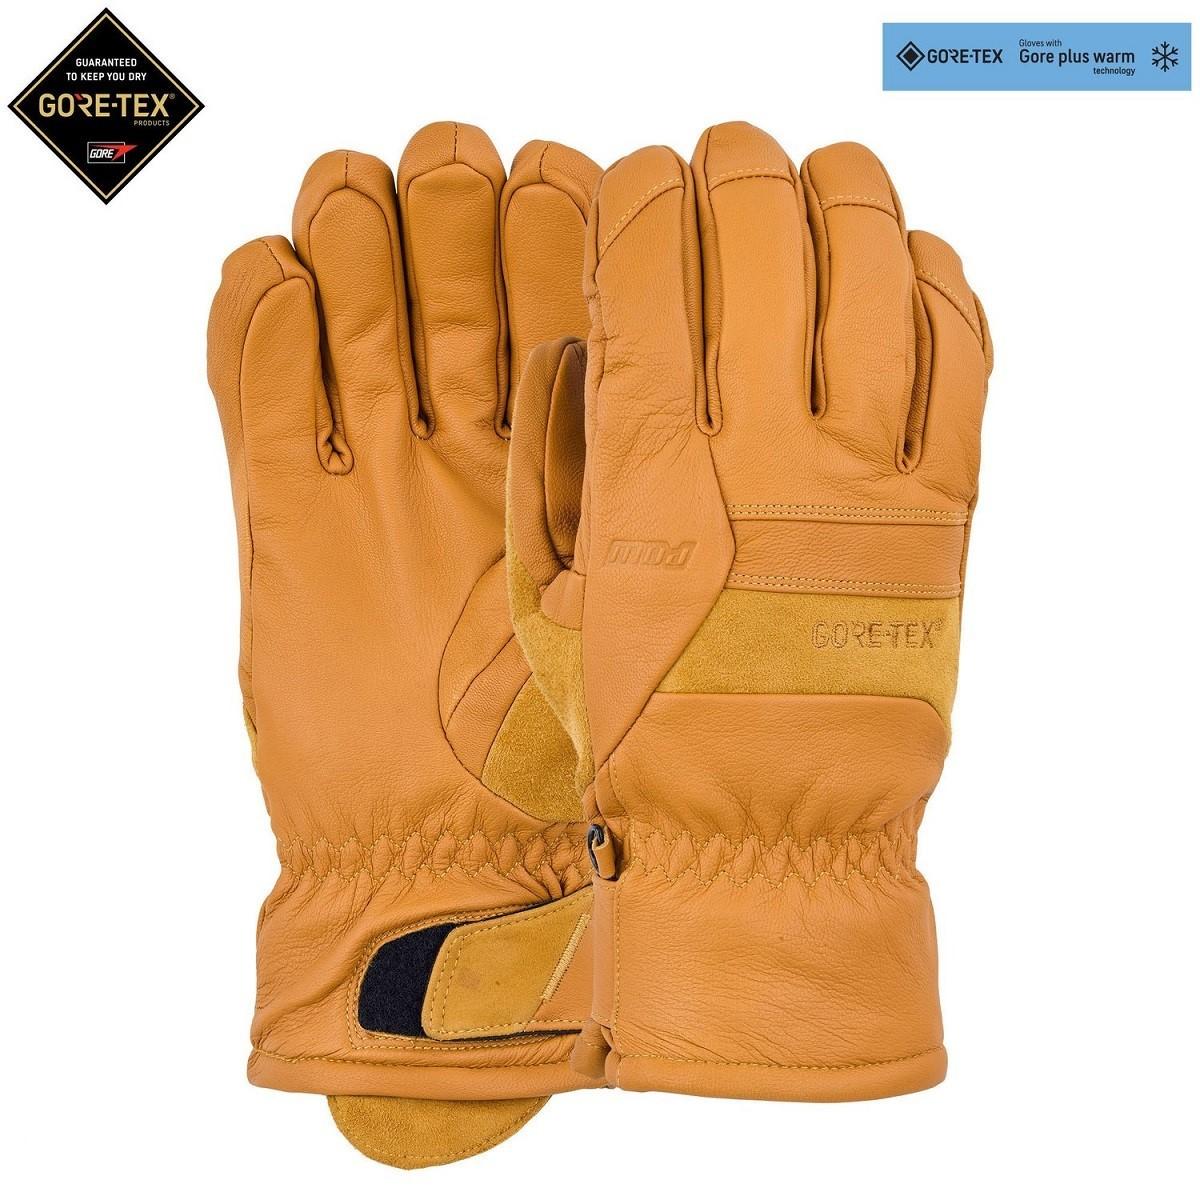 POW Stealth GTX Glove +WARM